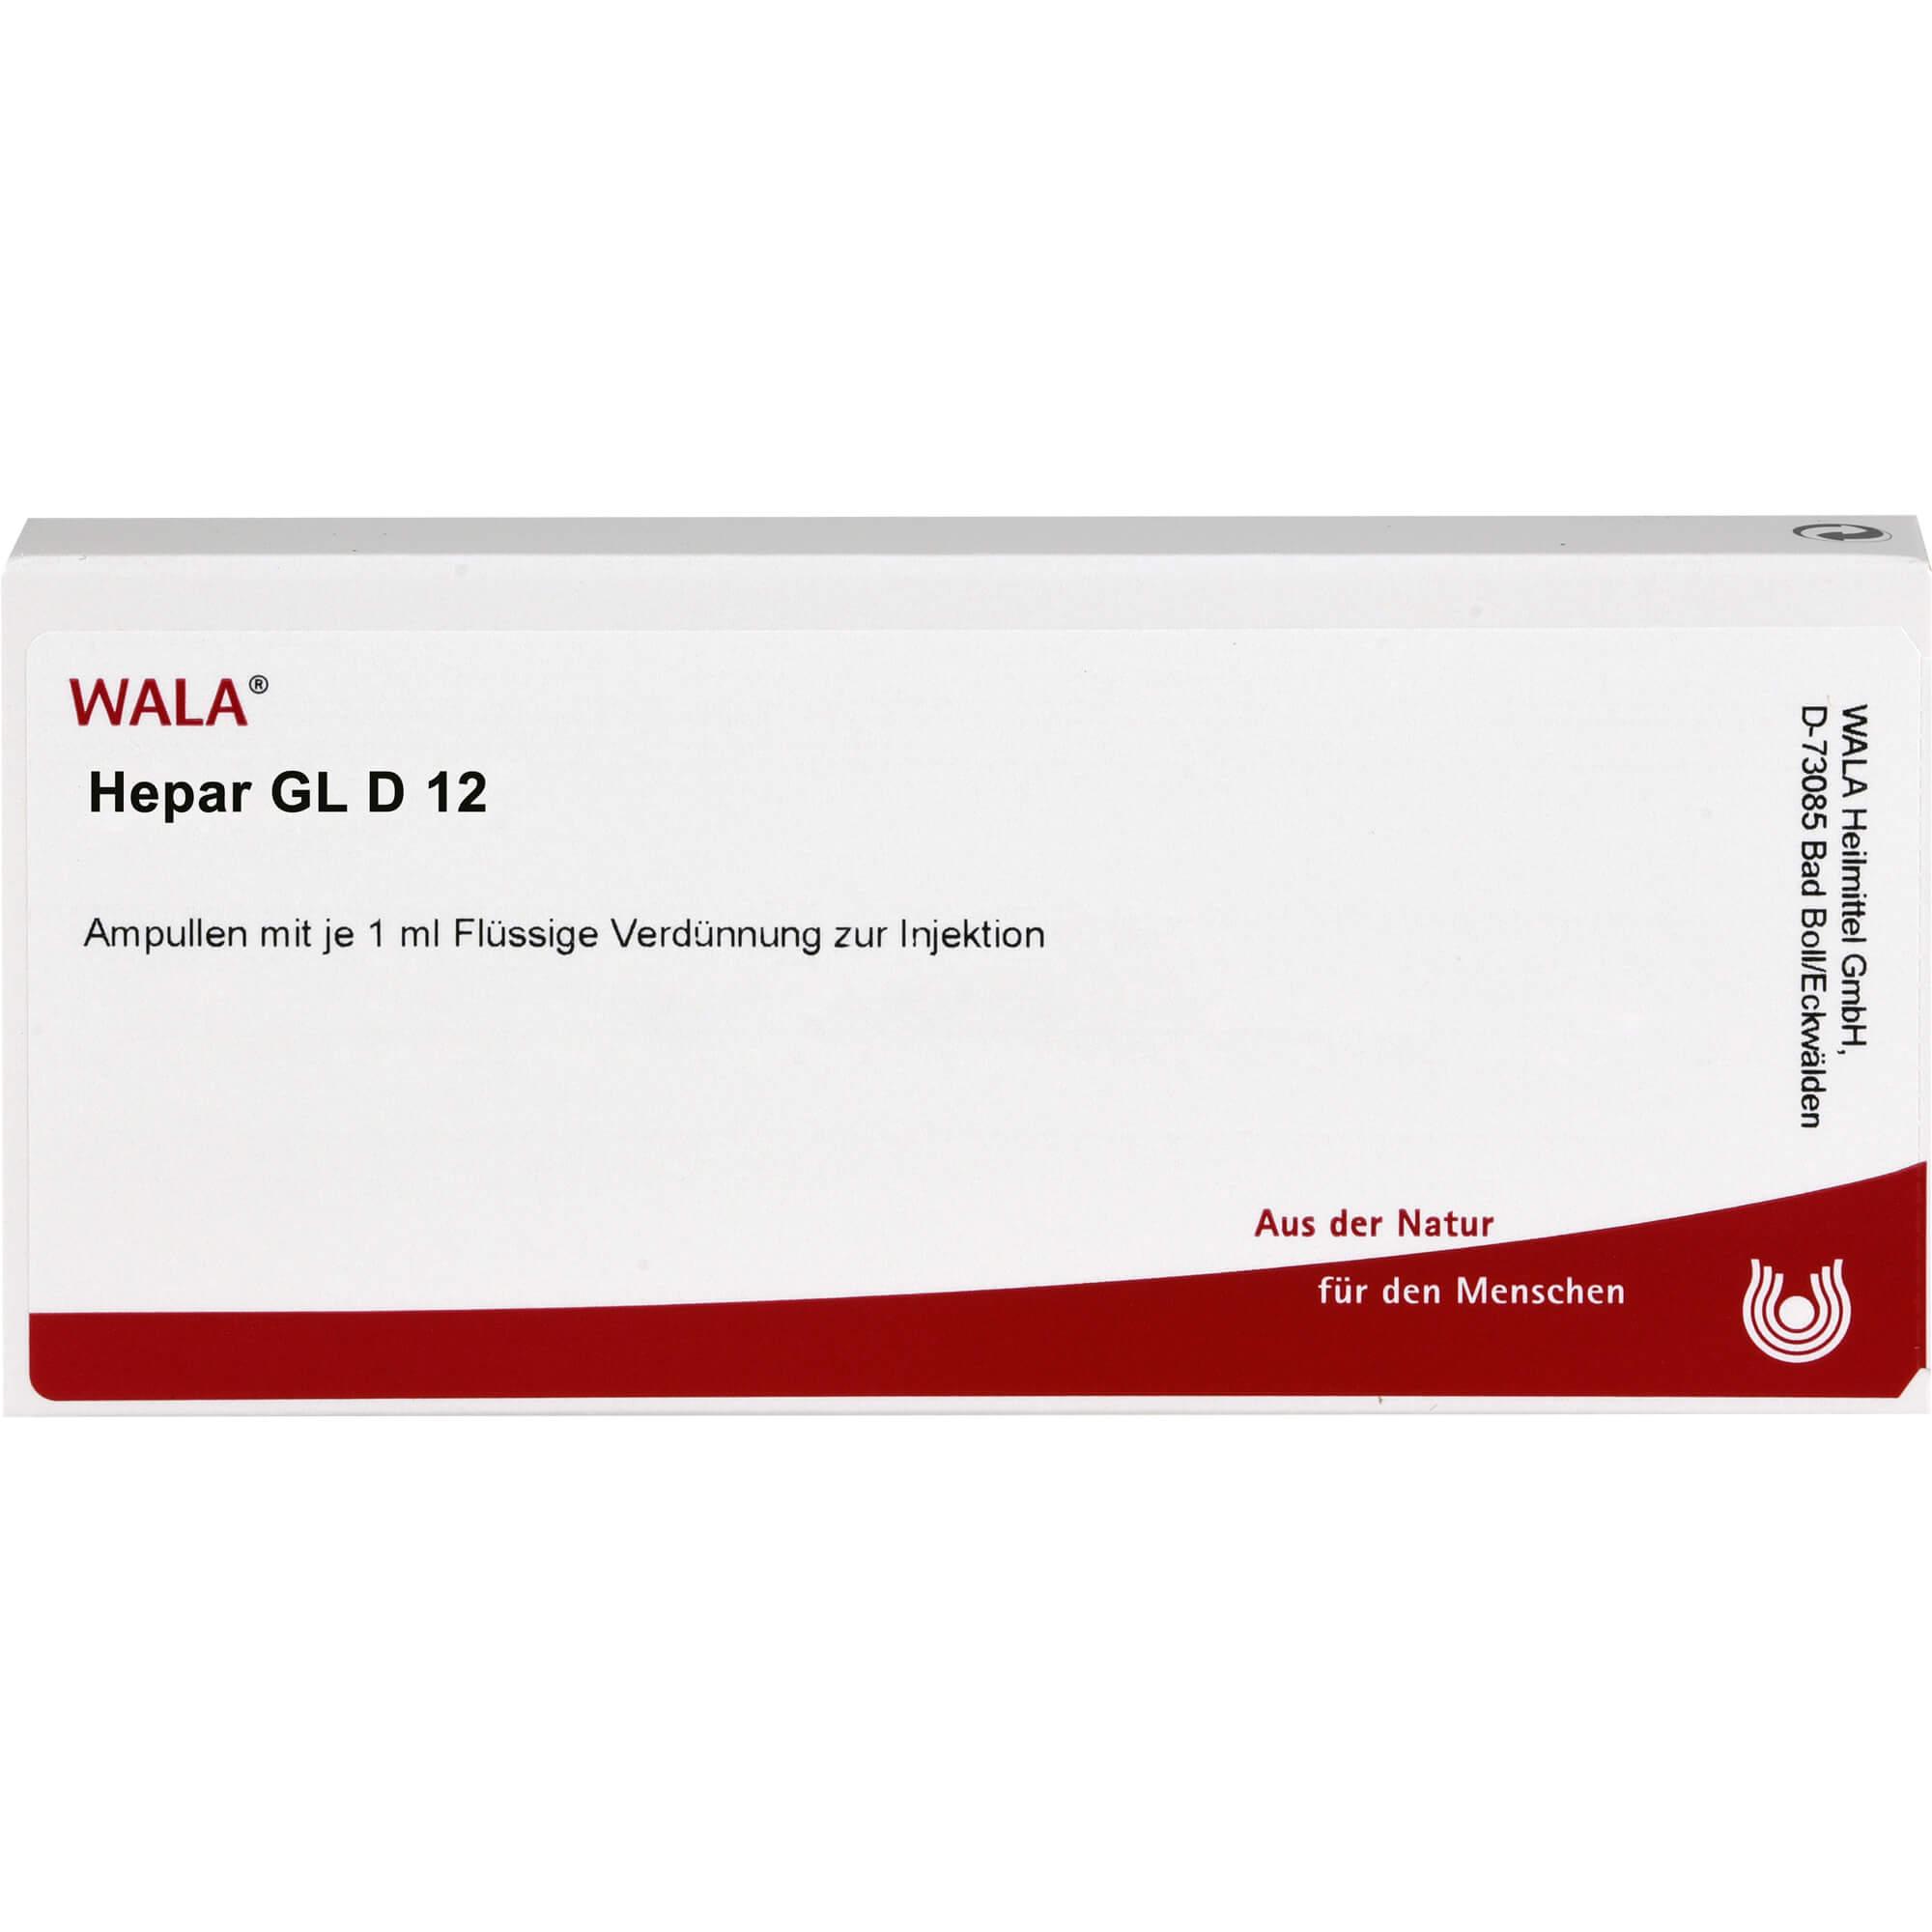 HEPAR GL D 12 Ampullen